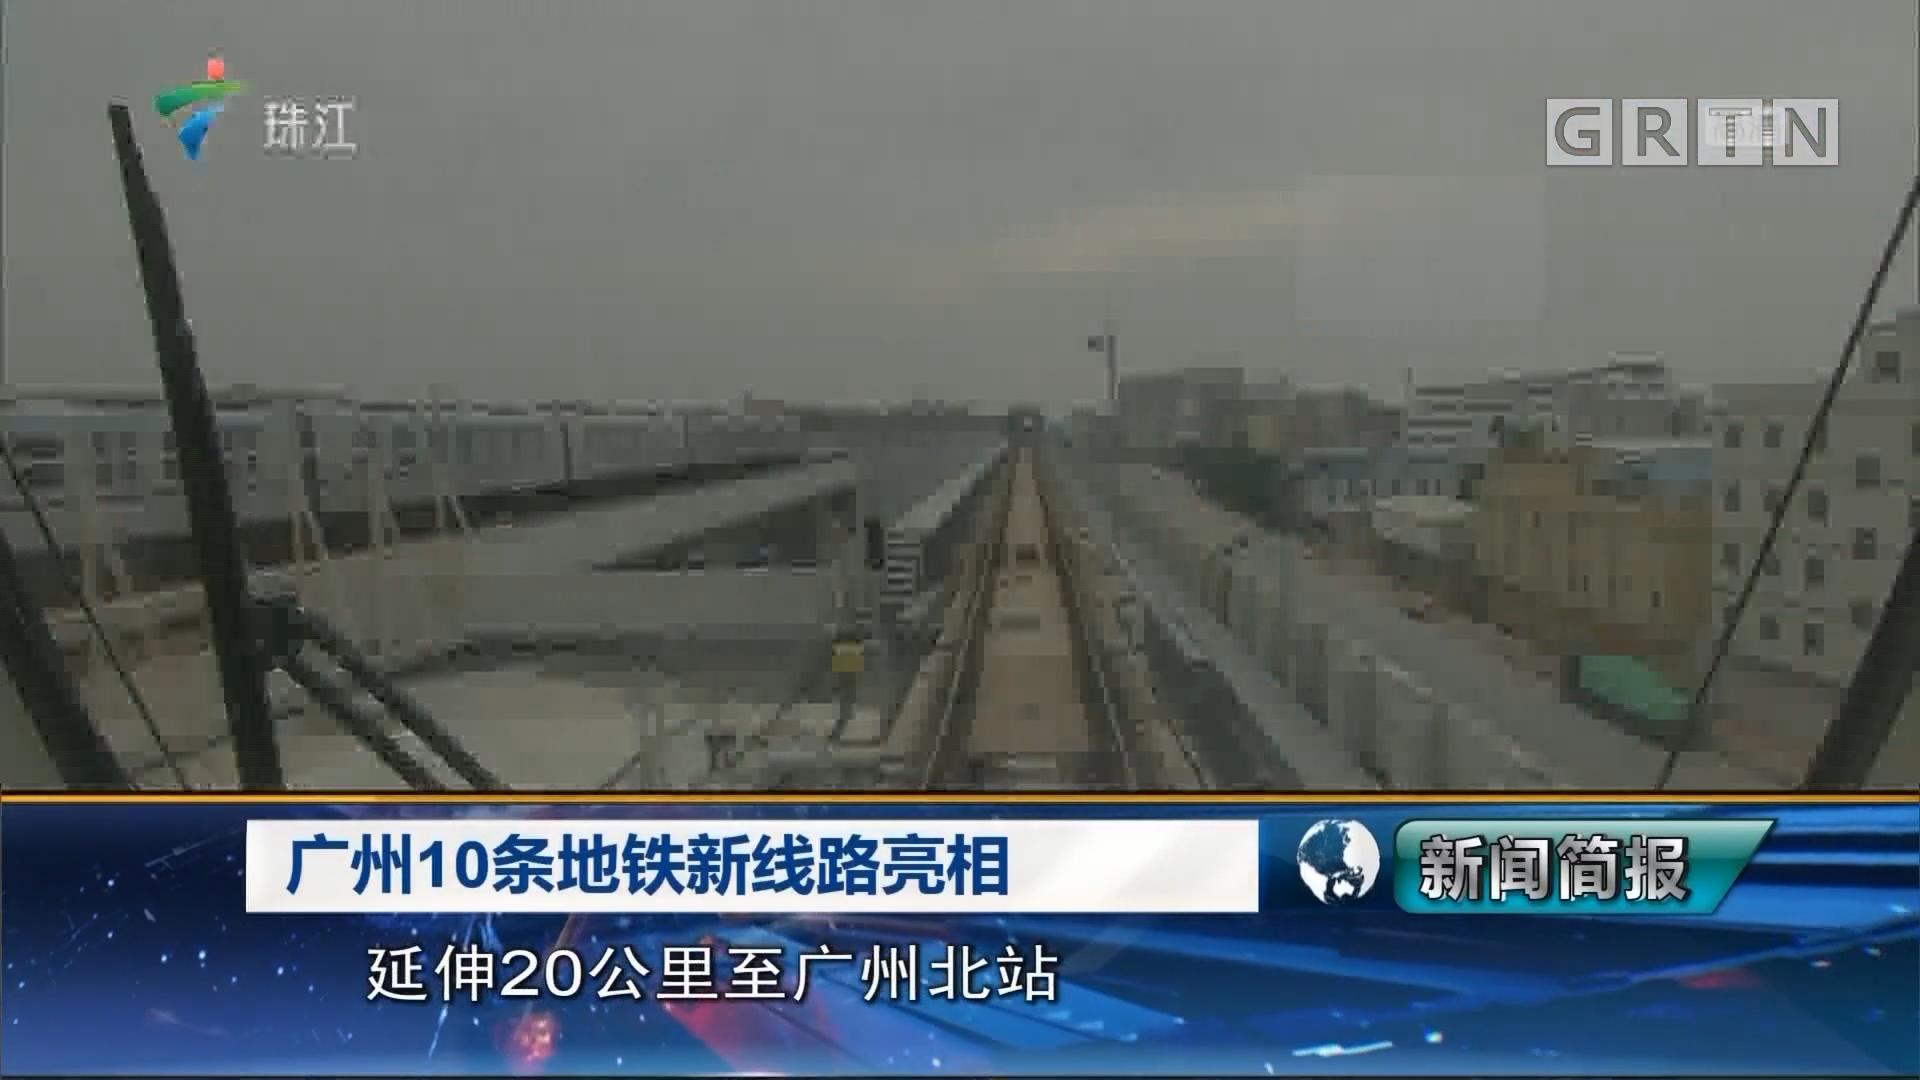 广州10条地铁新线路亮相